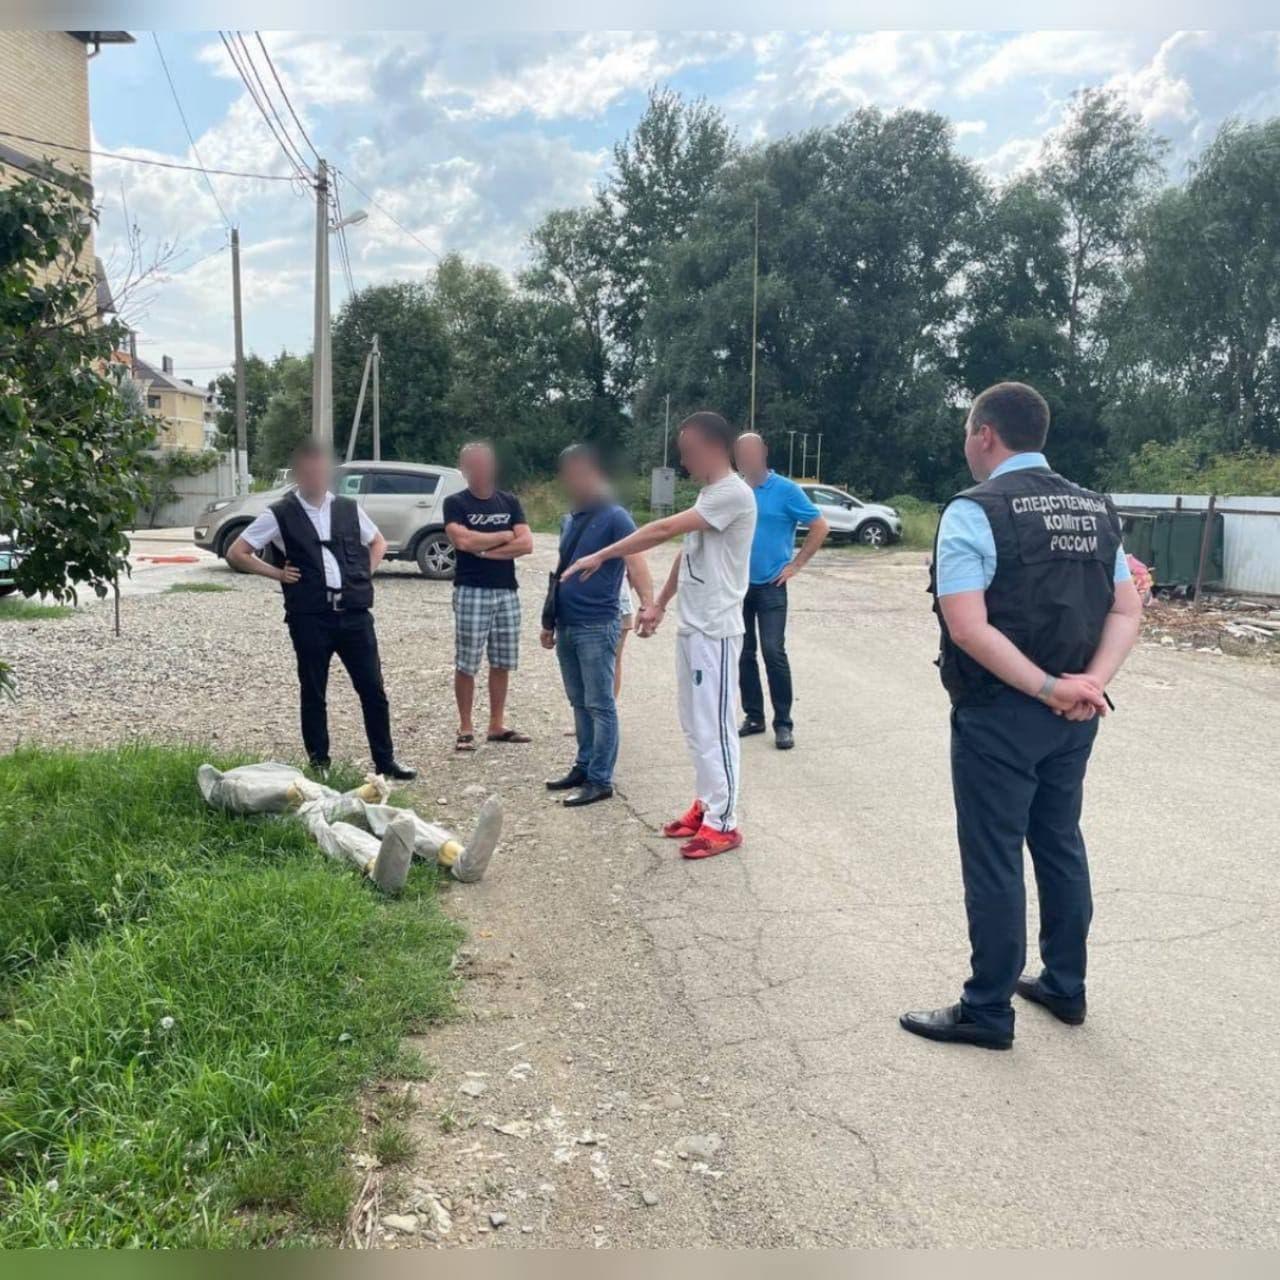 В Горячем Ключе спустя почти 9 лет задержали предполагаемого убийцу таксиста